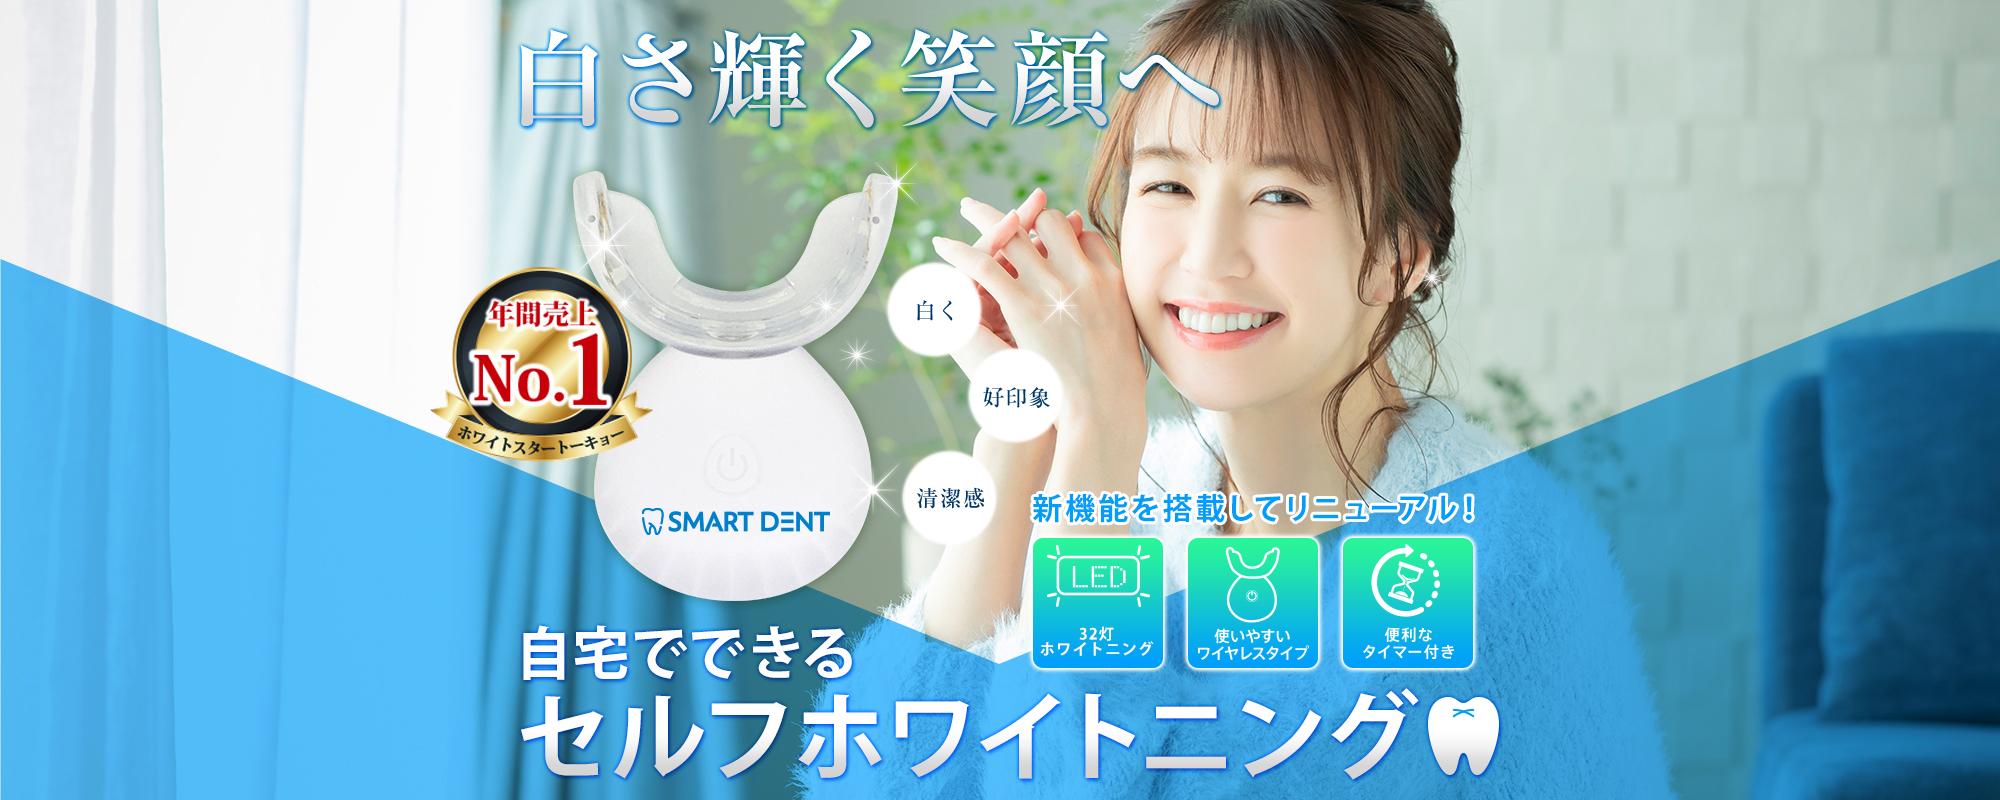 白さ輝く笑顔へ!自宅でできるセルフホワイトニング!スマートデント SmartDent